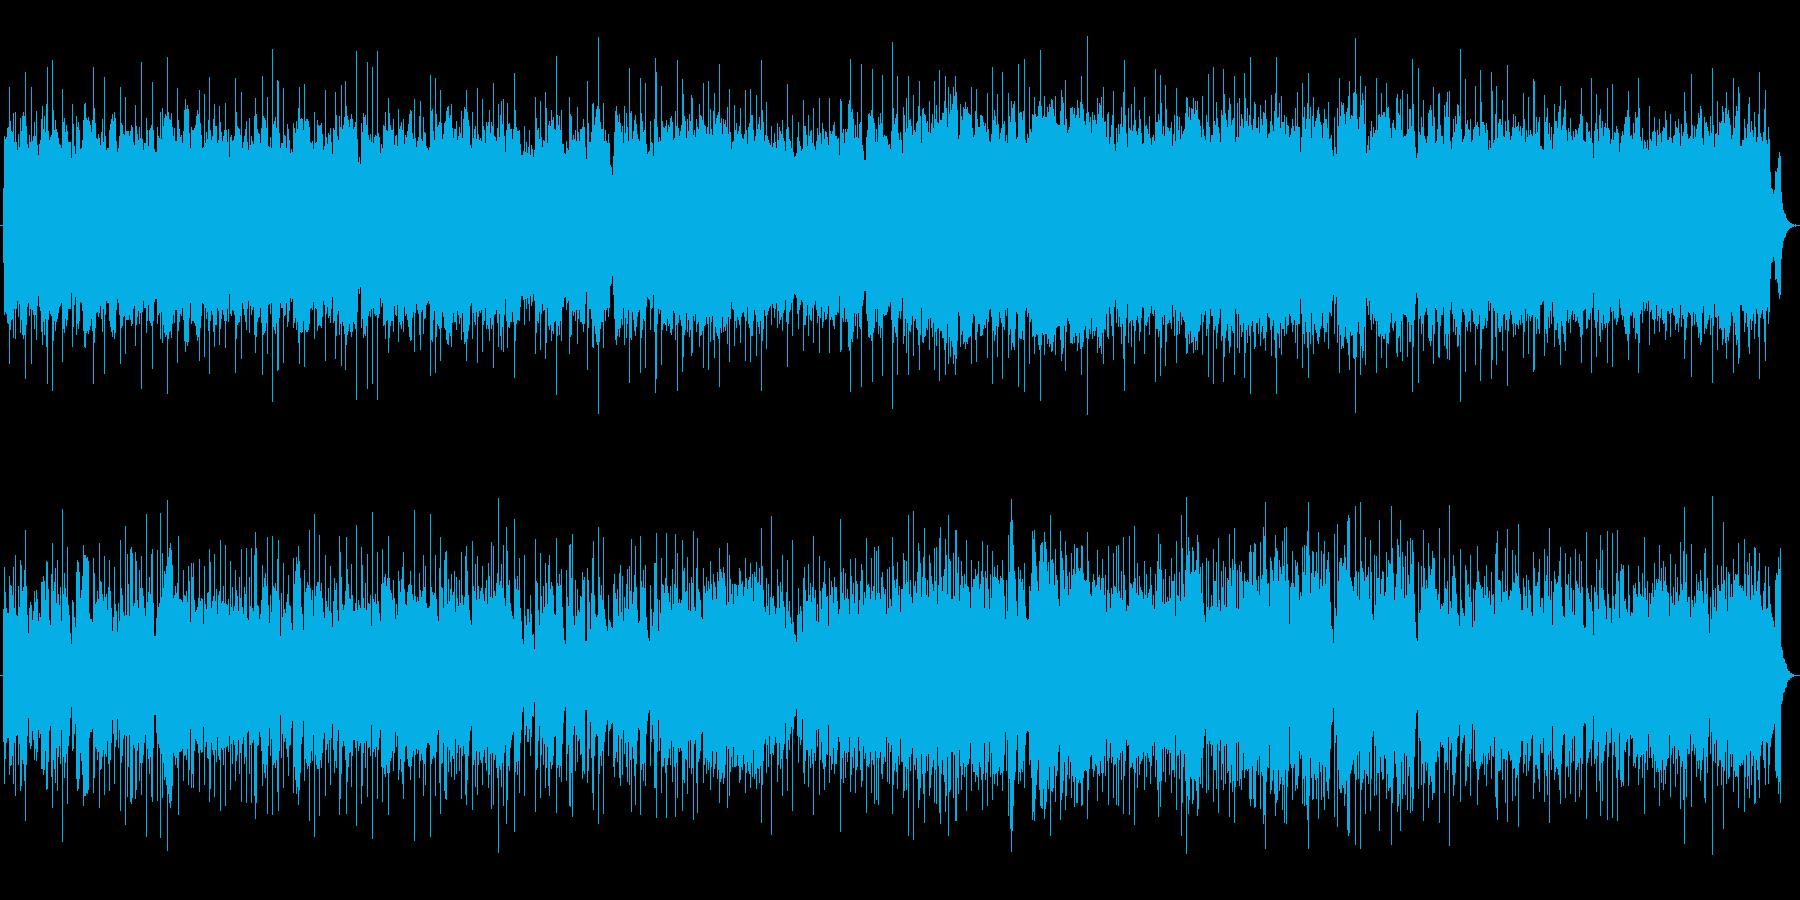 シンプルなオルガンジャズ 探偵 スパイの再生済みの波形